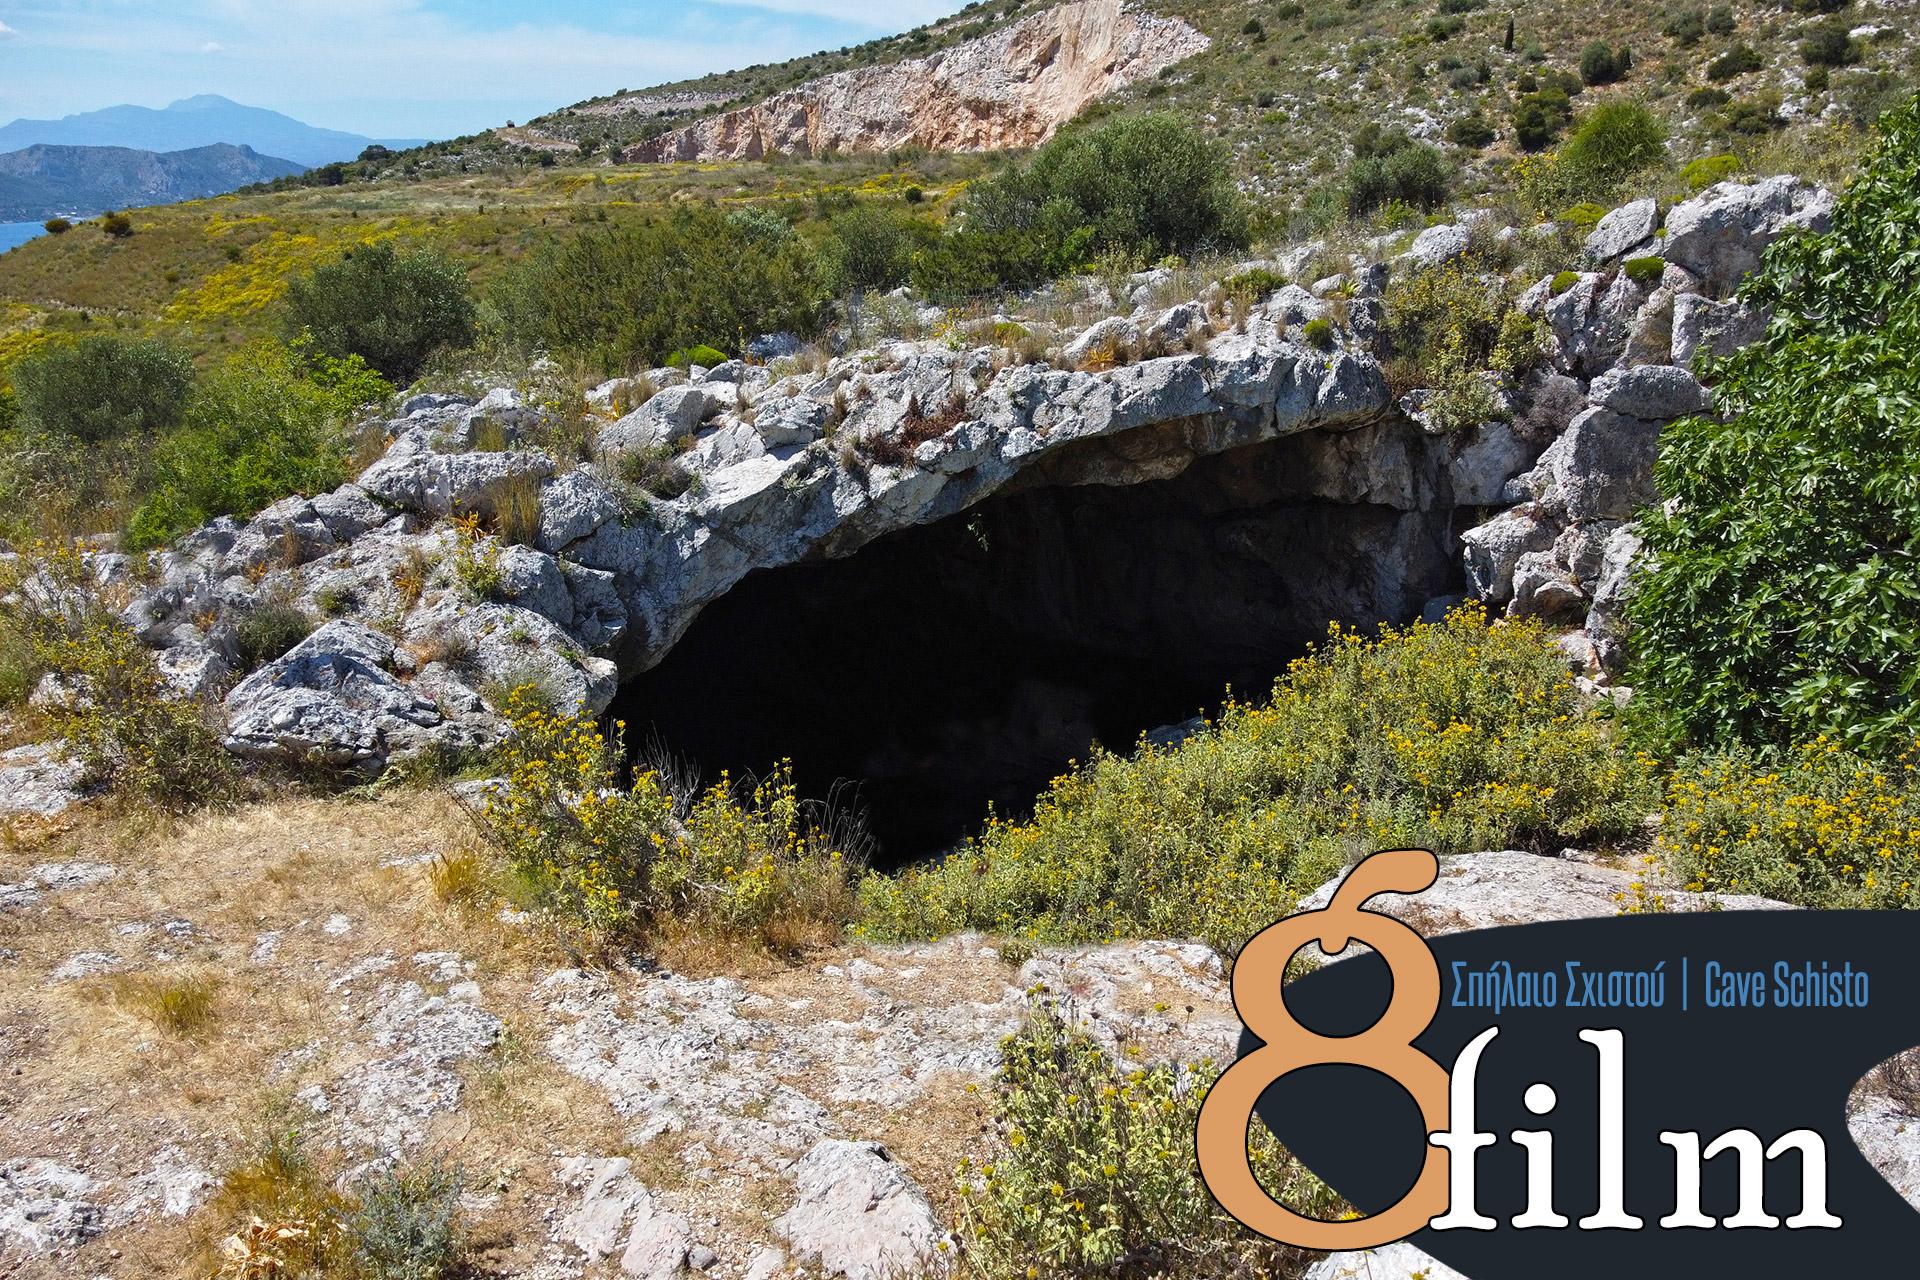 Σπήλαιο Σχιστού - Drone Pilot Chris Giatrakos